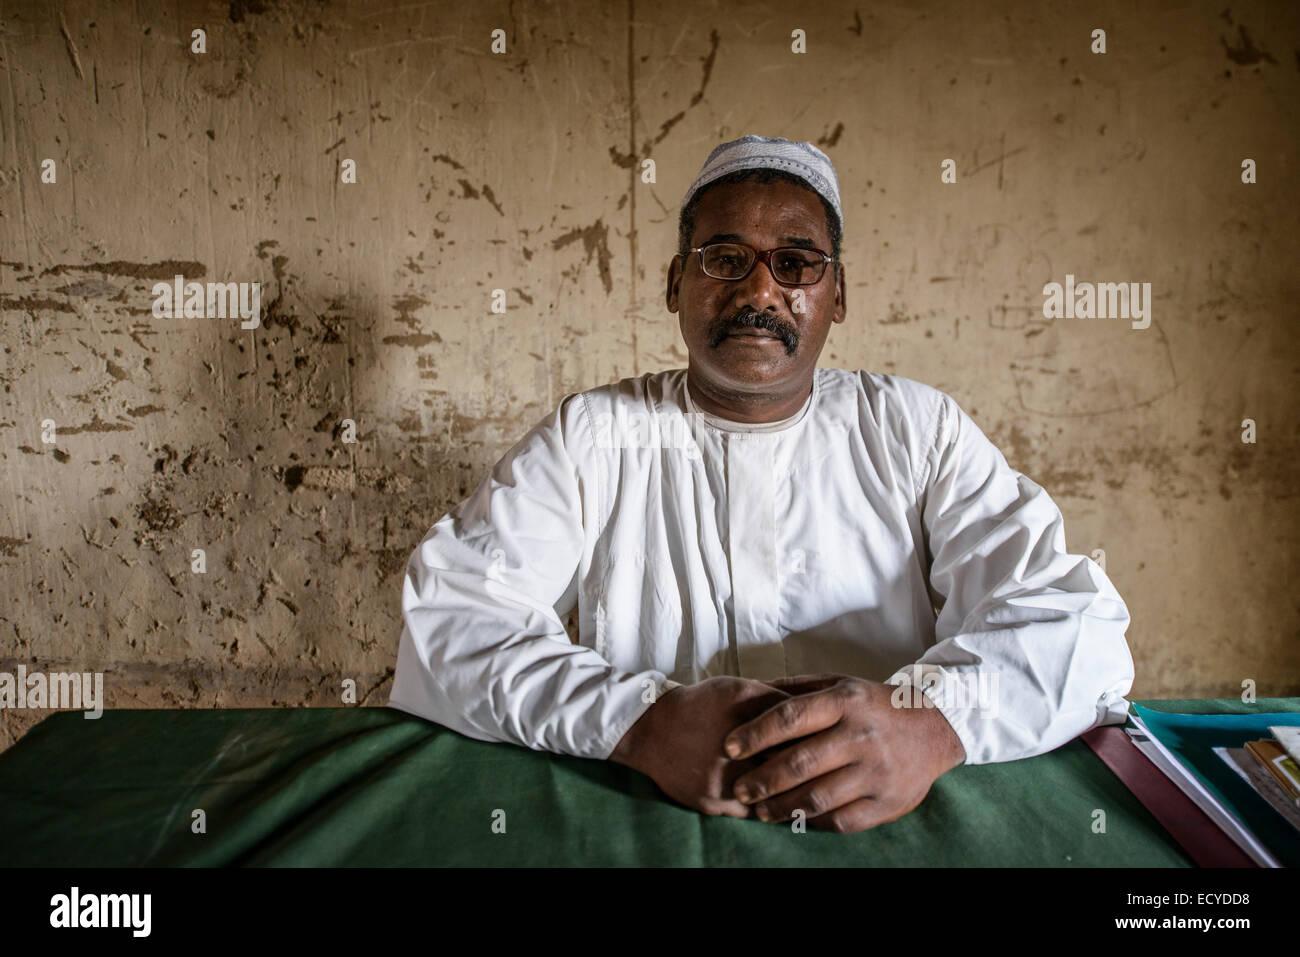 Lehrer einer Schule mitten in der Sahara Wüste, Sudan Stockbild